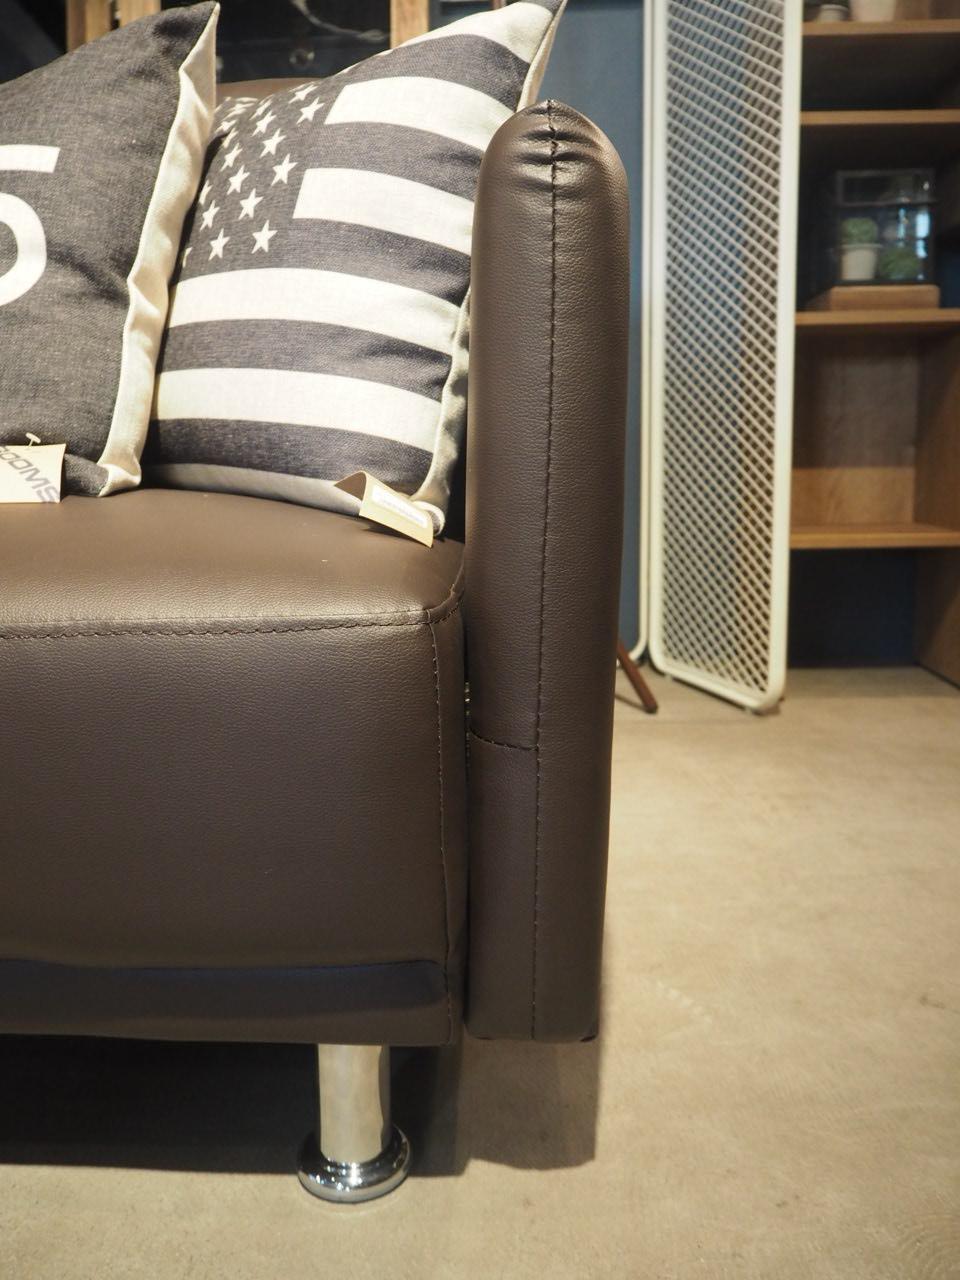 【BOOMS】個性派家具専門店ブームス|茨城県 つくば・取手~流行のおしゃれ家具&インテリア